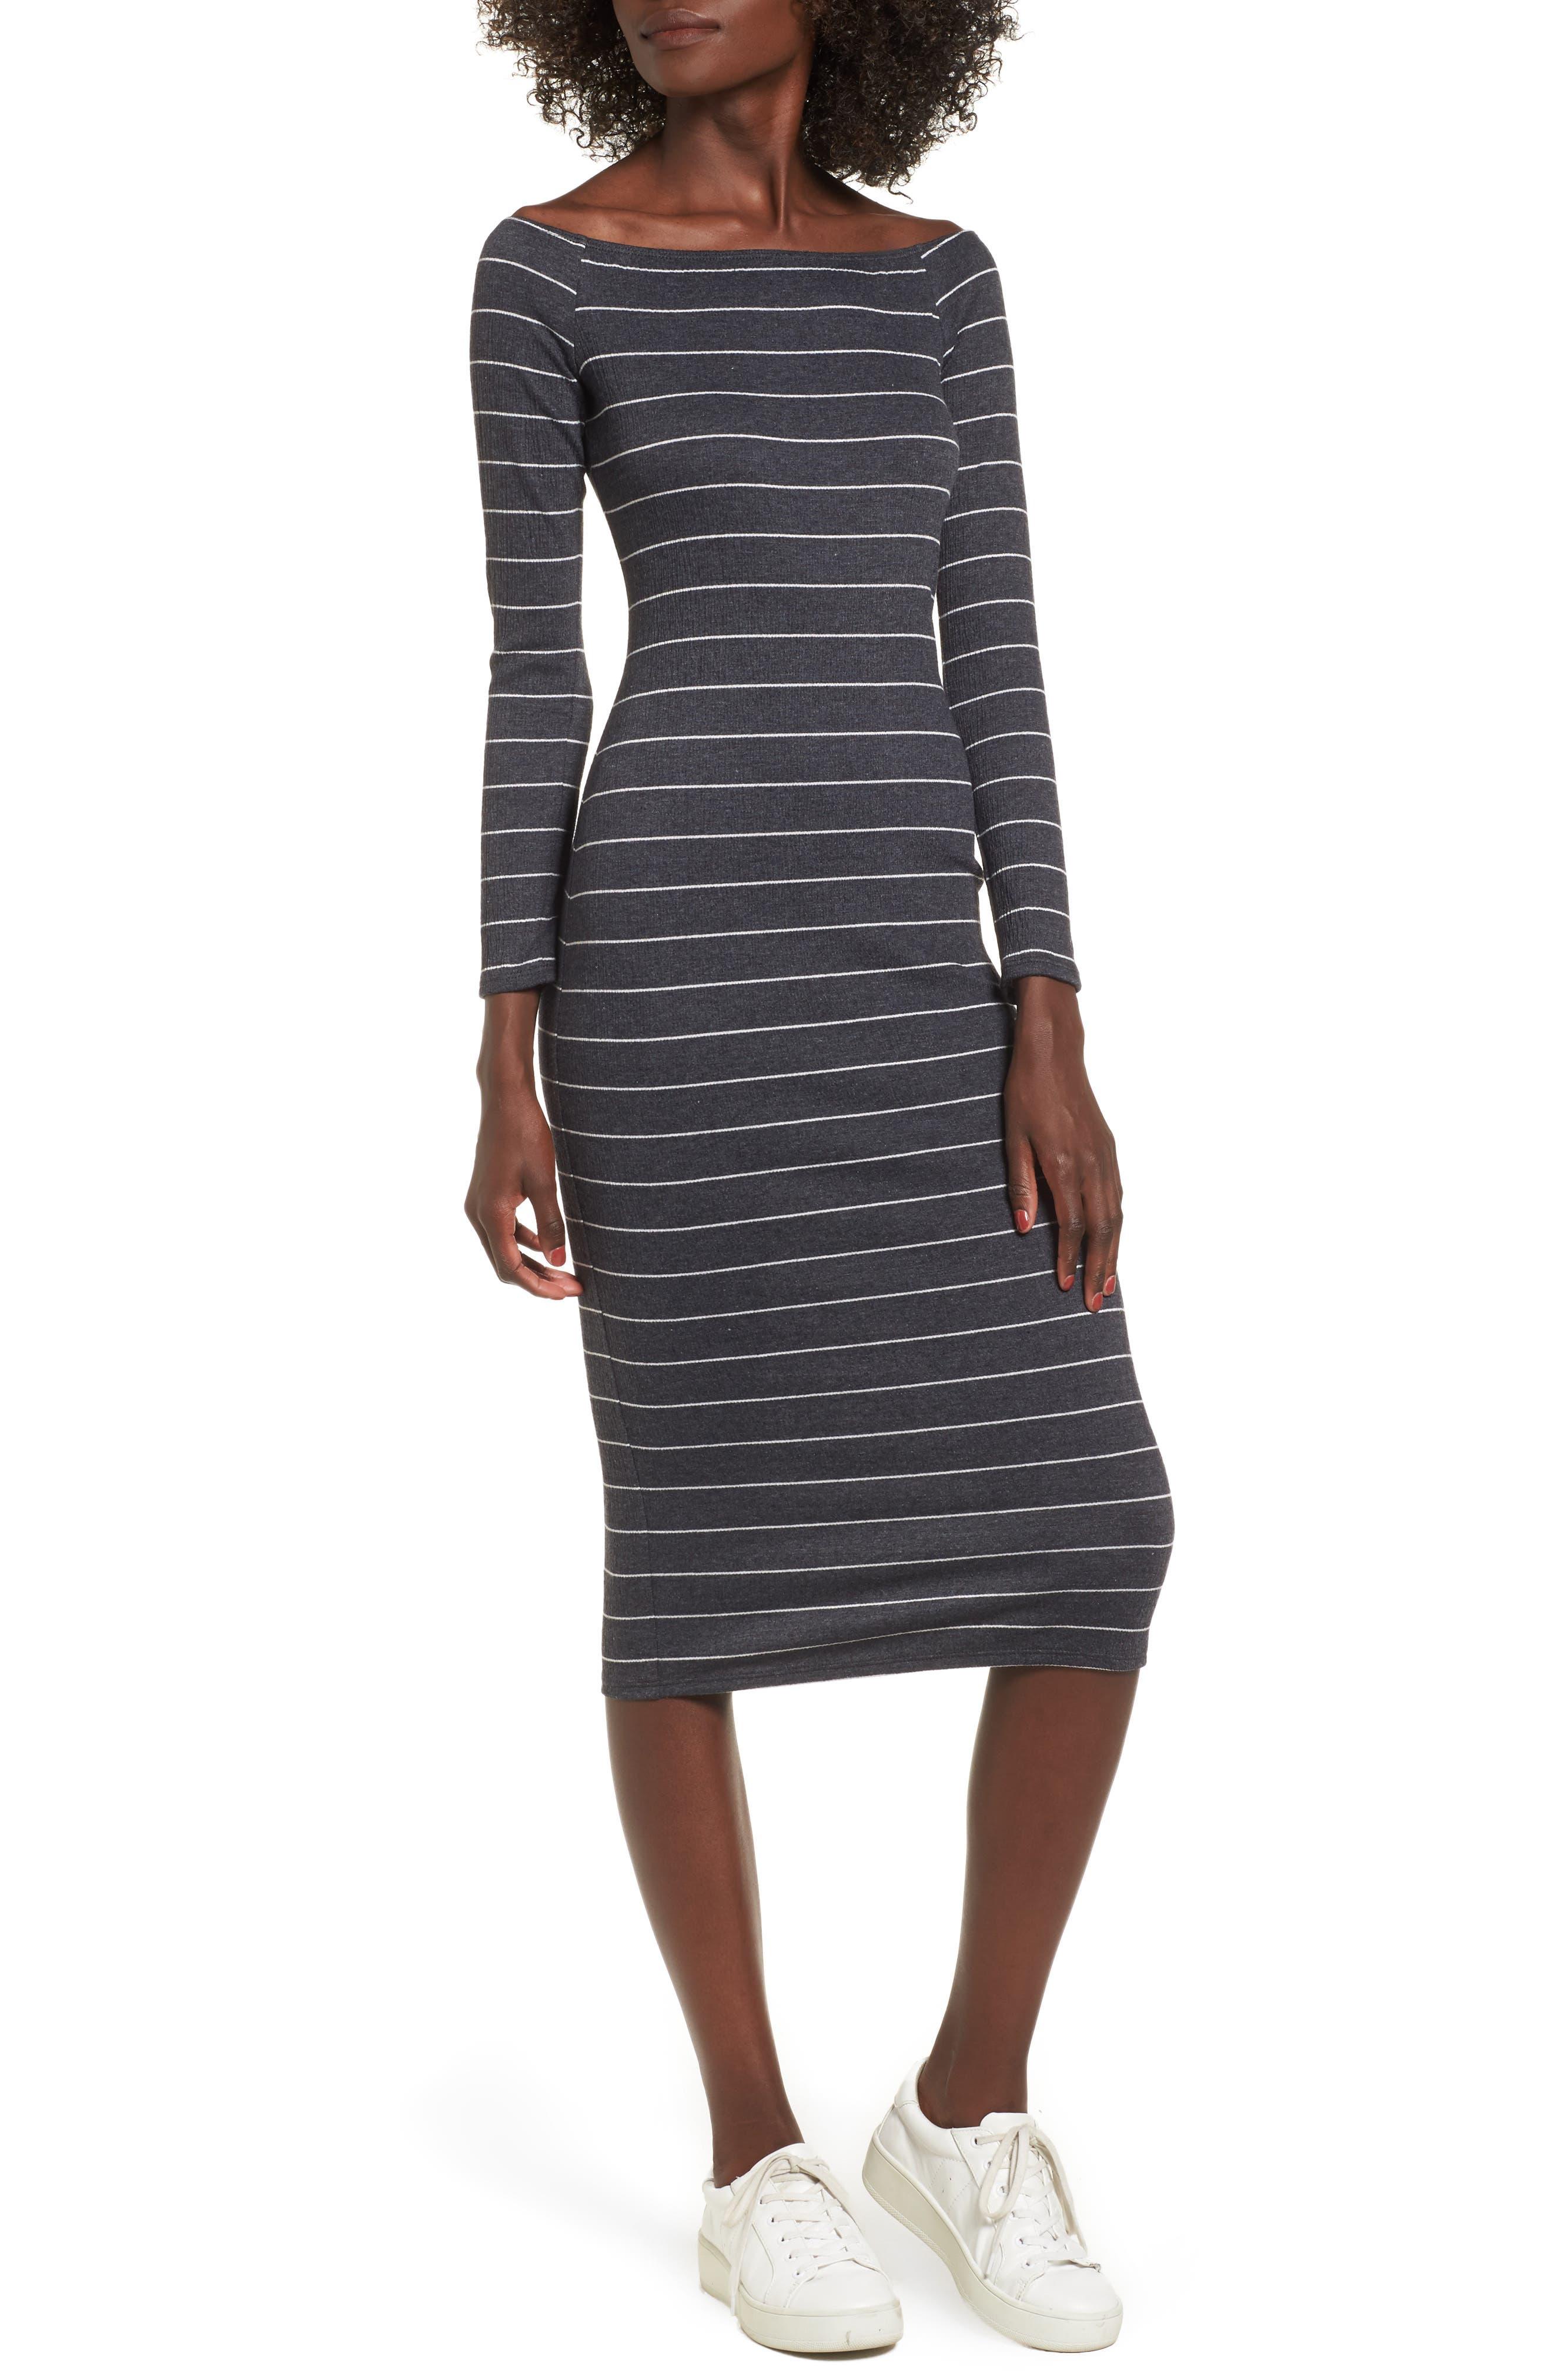 Alternate Image 1 Selected - Soprano Stripe Off the Shoulder Midi Dress